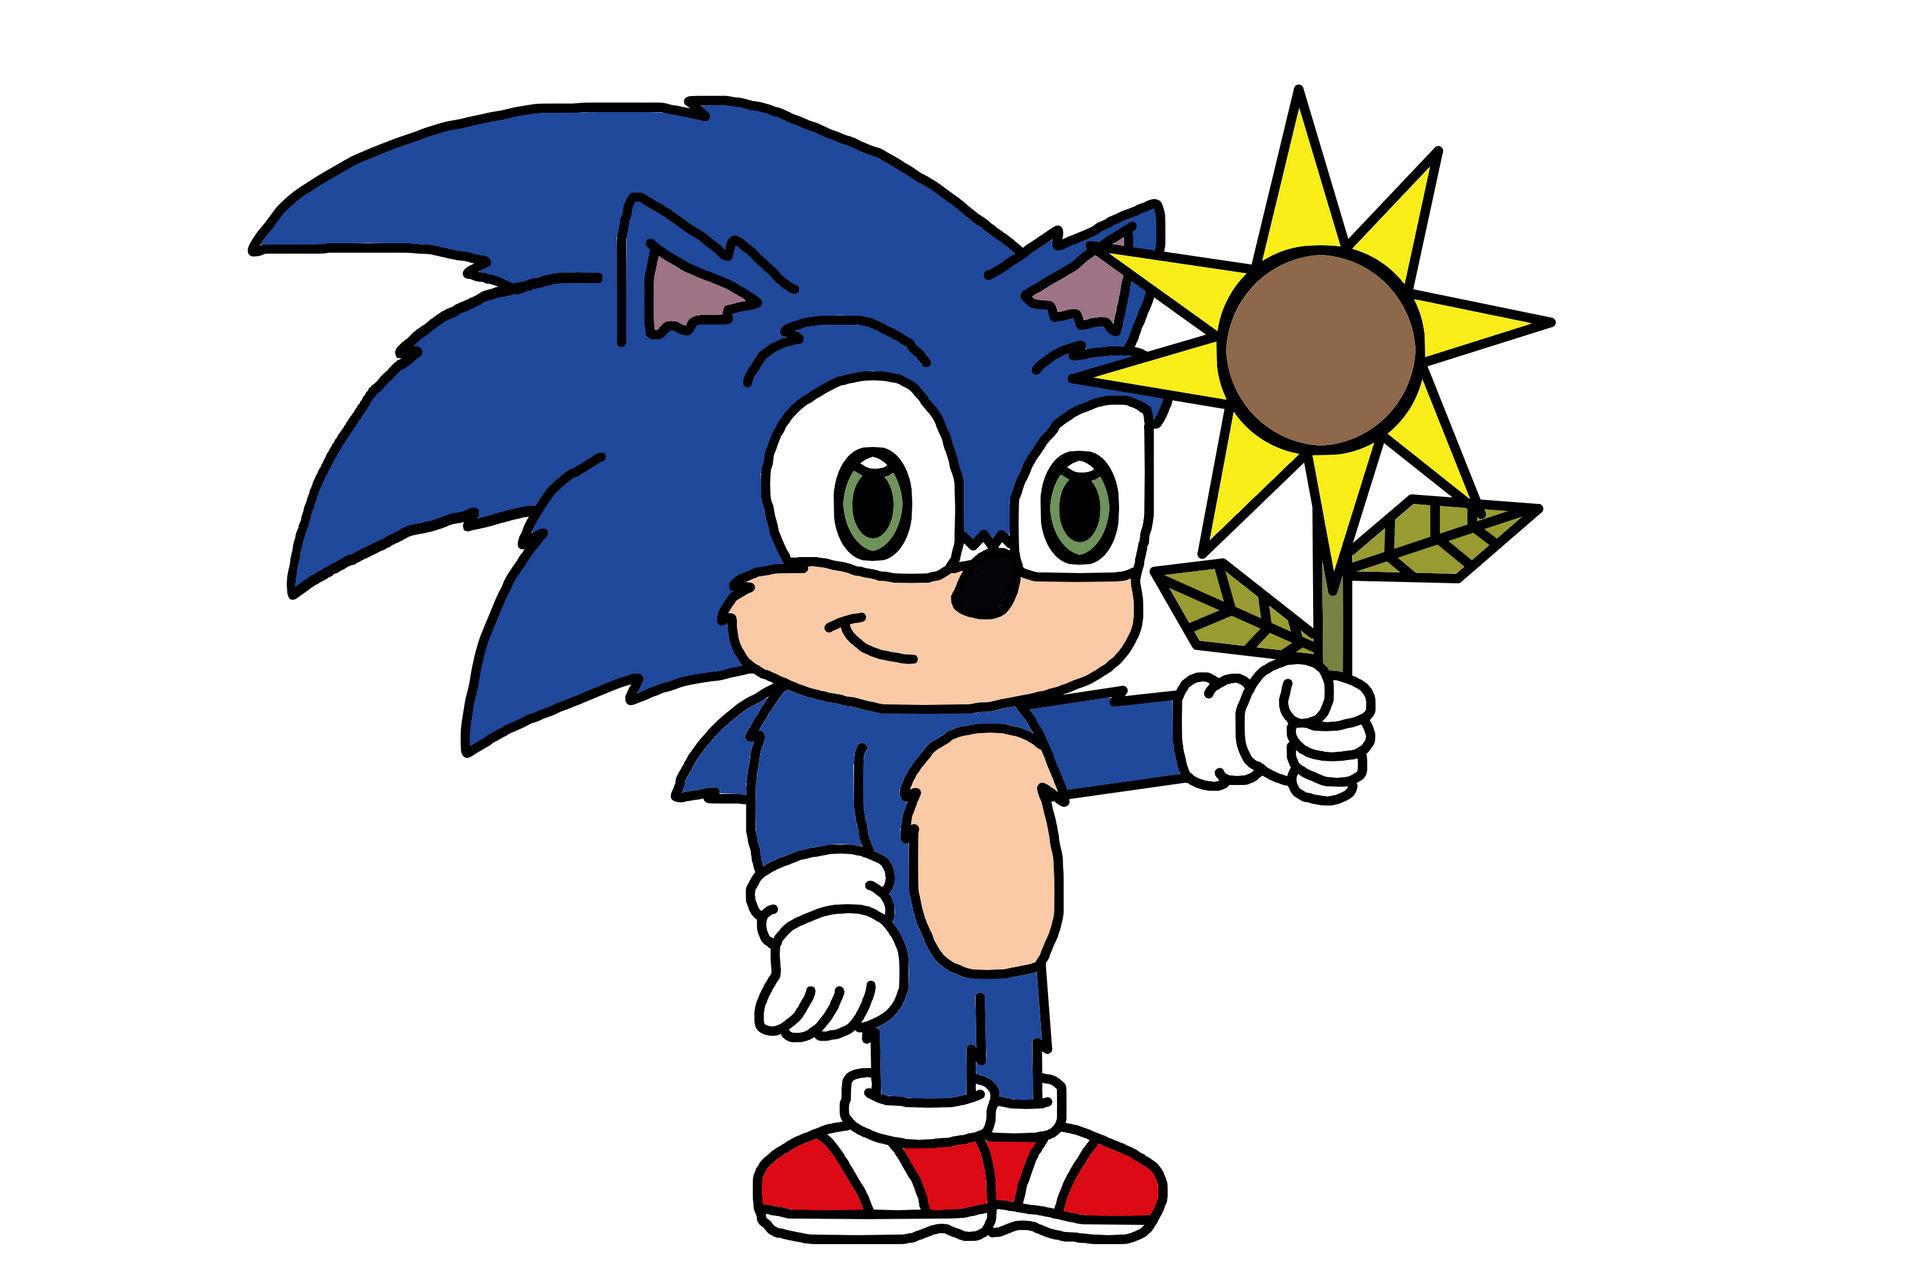 Movie Baby Sonic By Mega Shonen One 64 On Deviantart